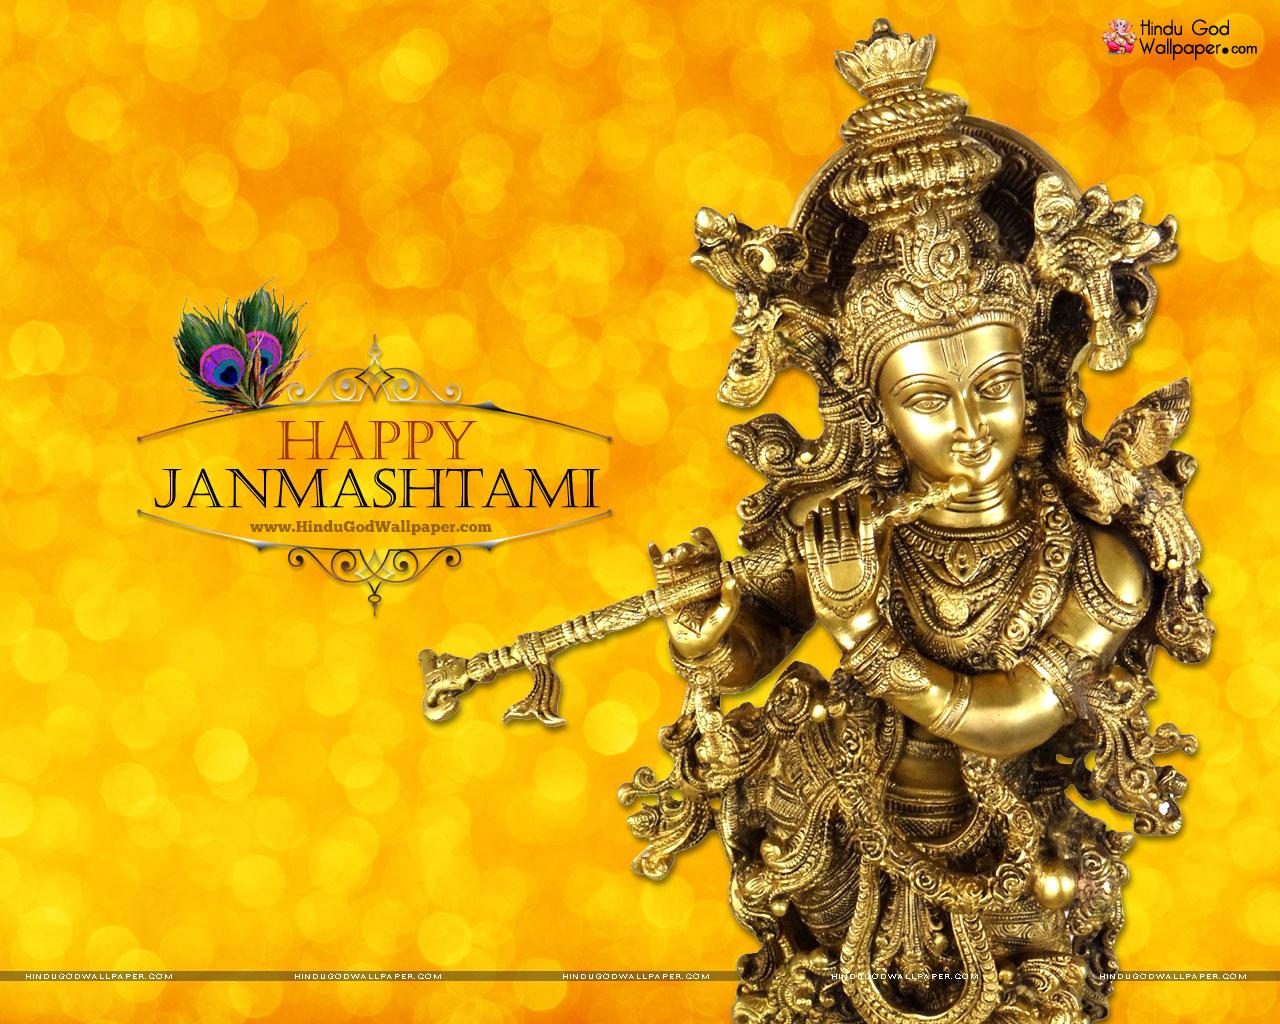 Sri krishna jayanti wallpaper - Sri Krishna Jayanti Wallpaper 37